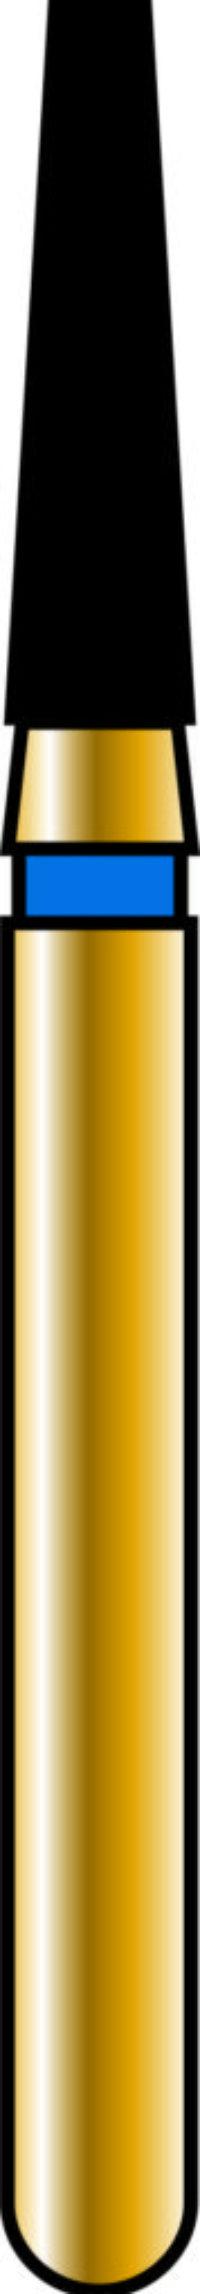 Flat End Taper 16-6mm Gold Diamond Bur - Coarse Grit